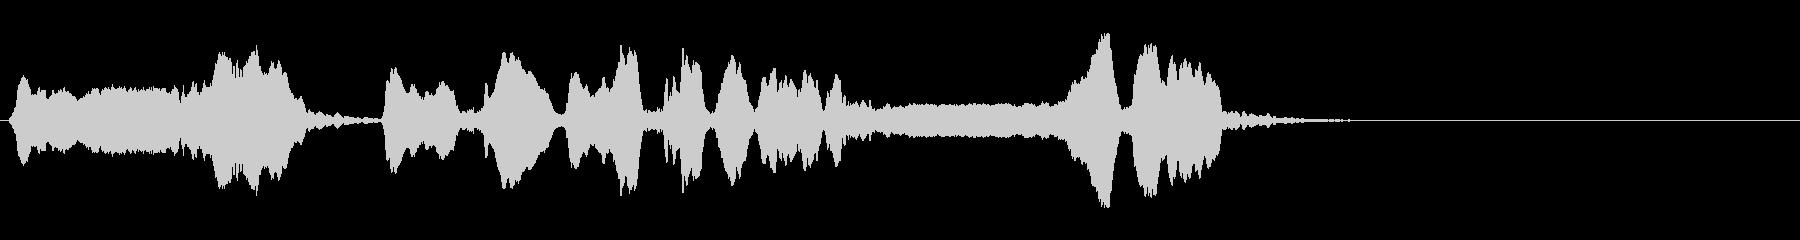 尺八 生演奏 古典風 残響音有 1の未再生の波形